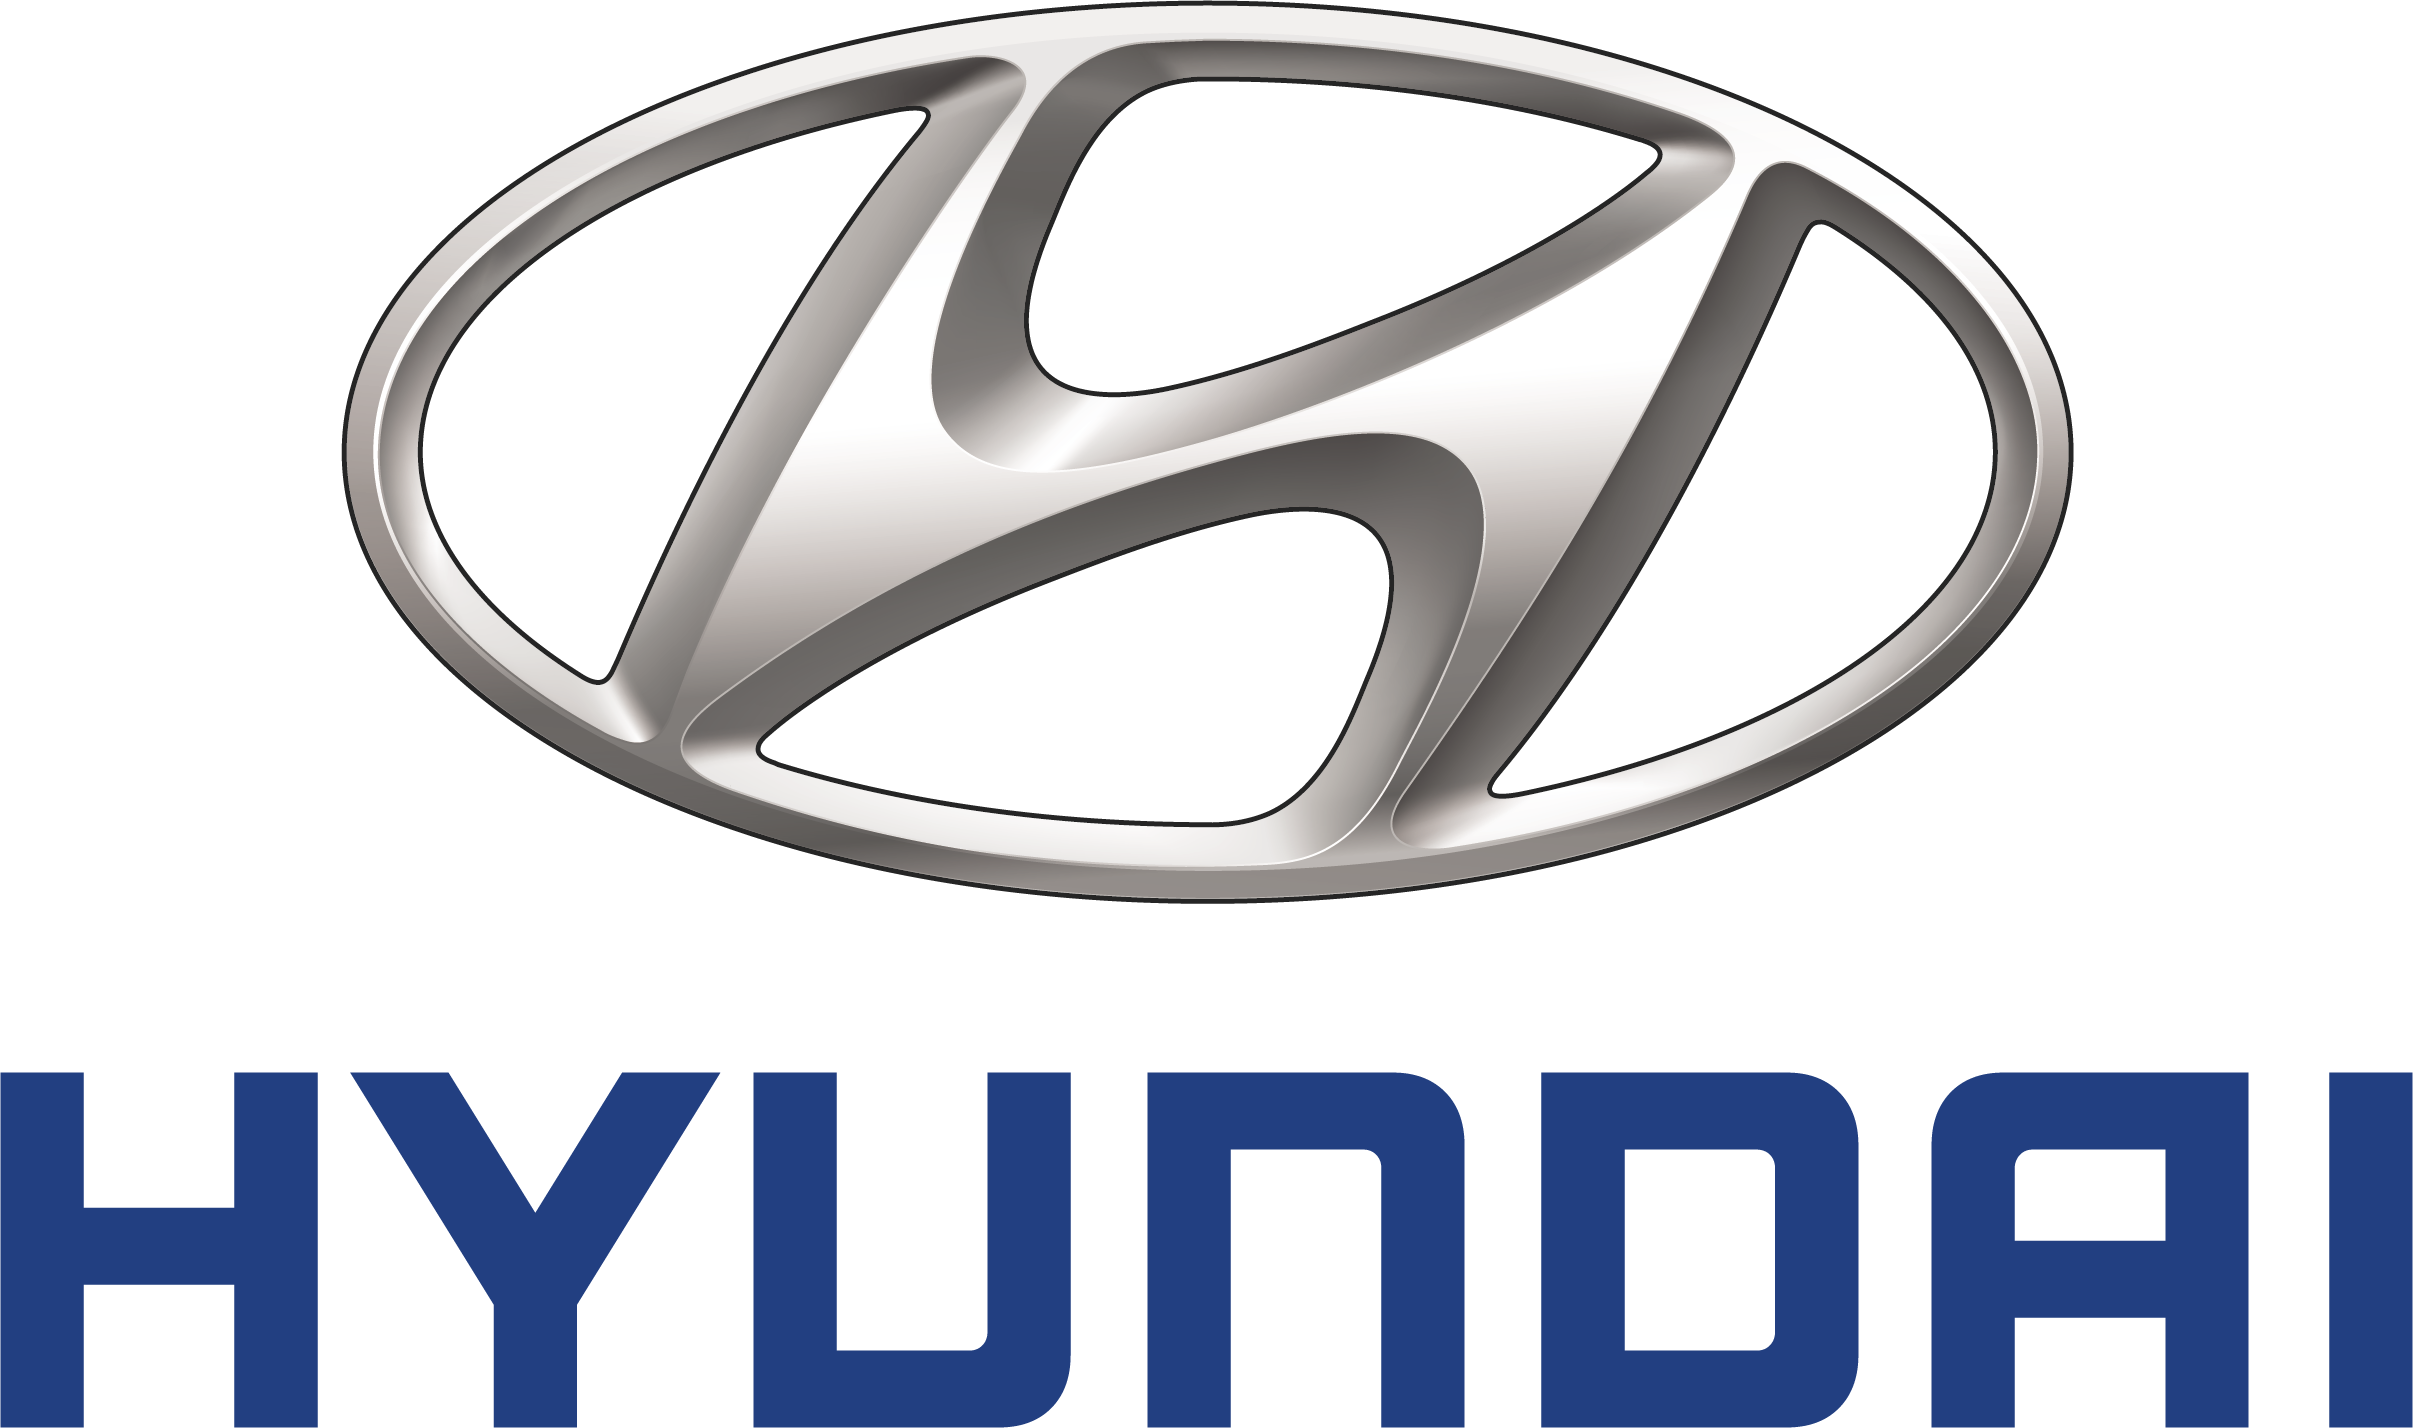 Hyundai Logo Png 2413 1428 Hyundai Cars Hyundai Logo Hyundai Motor